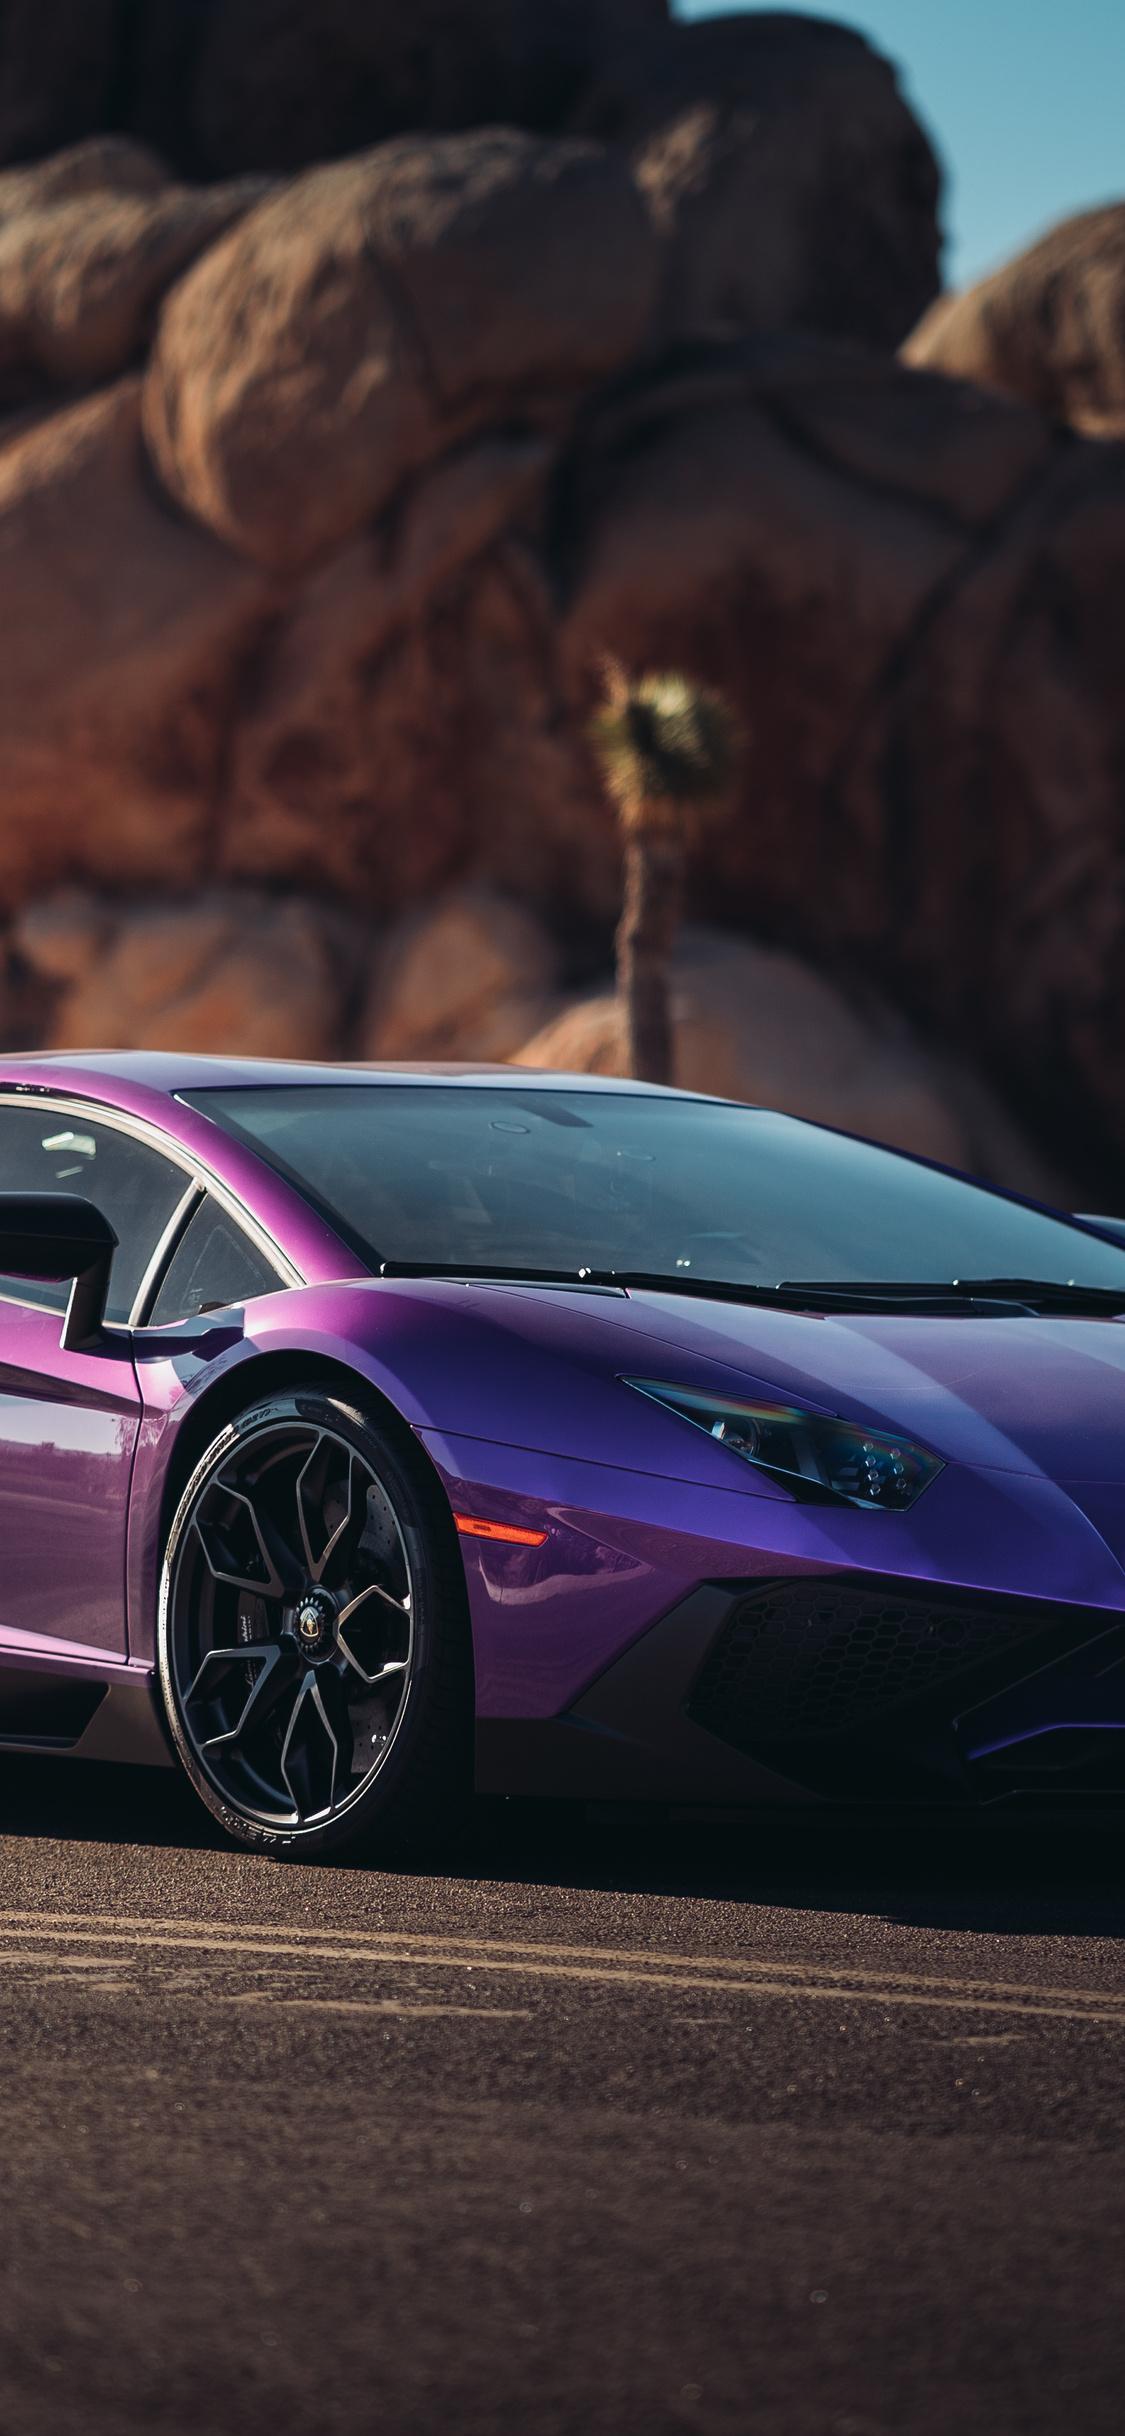 1125x2436 Lamborghini Aventador LP 750 SV Iphone XS,Iphone ...